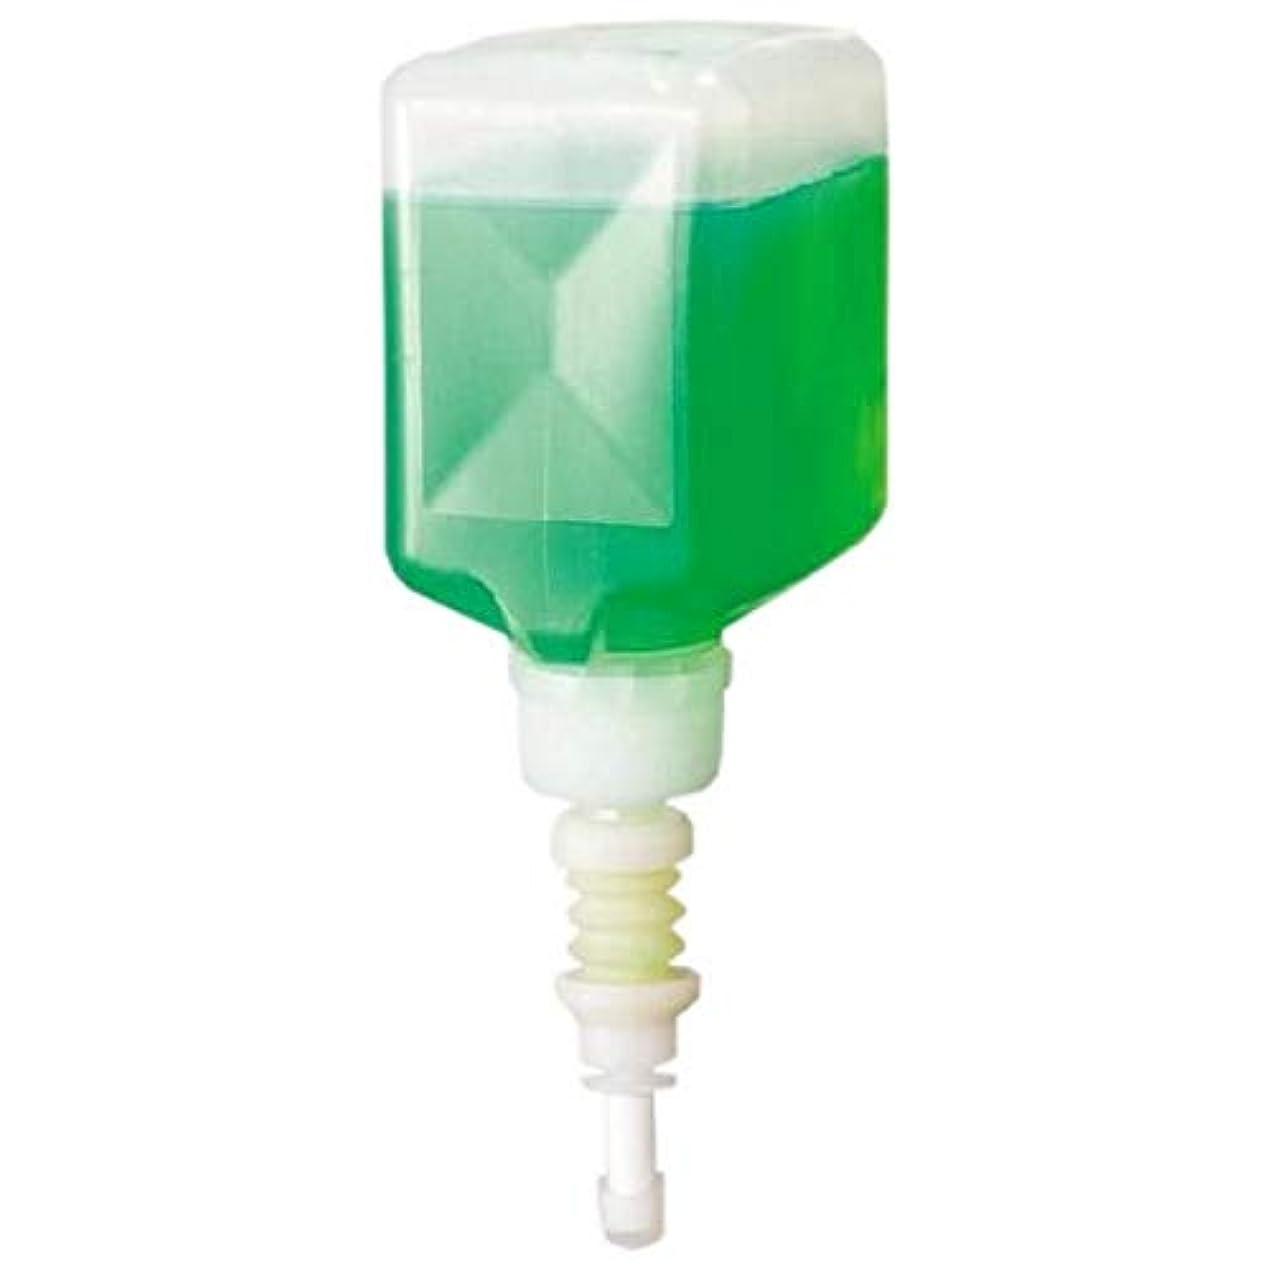 保証する赤面うまくやる()スタイルデコ シャボネット石けん液Fデコ専用薬液 緑色